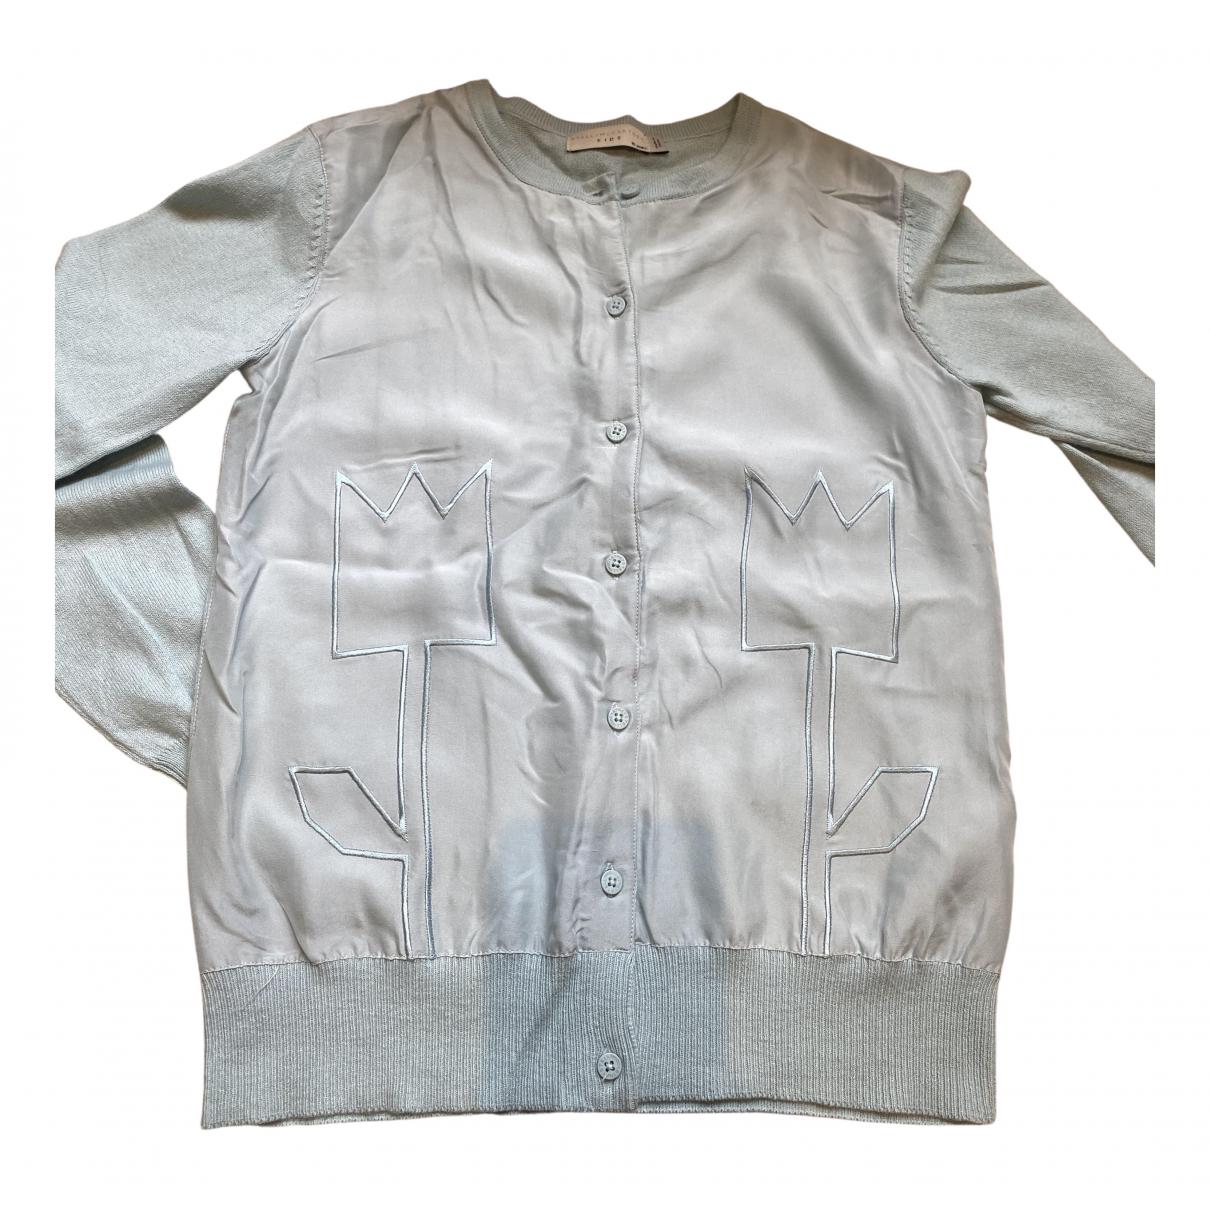 Stella Mccartney - Pull   pour enfant en coton - turquoise